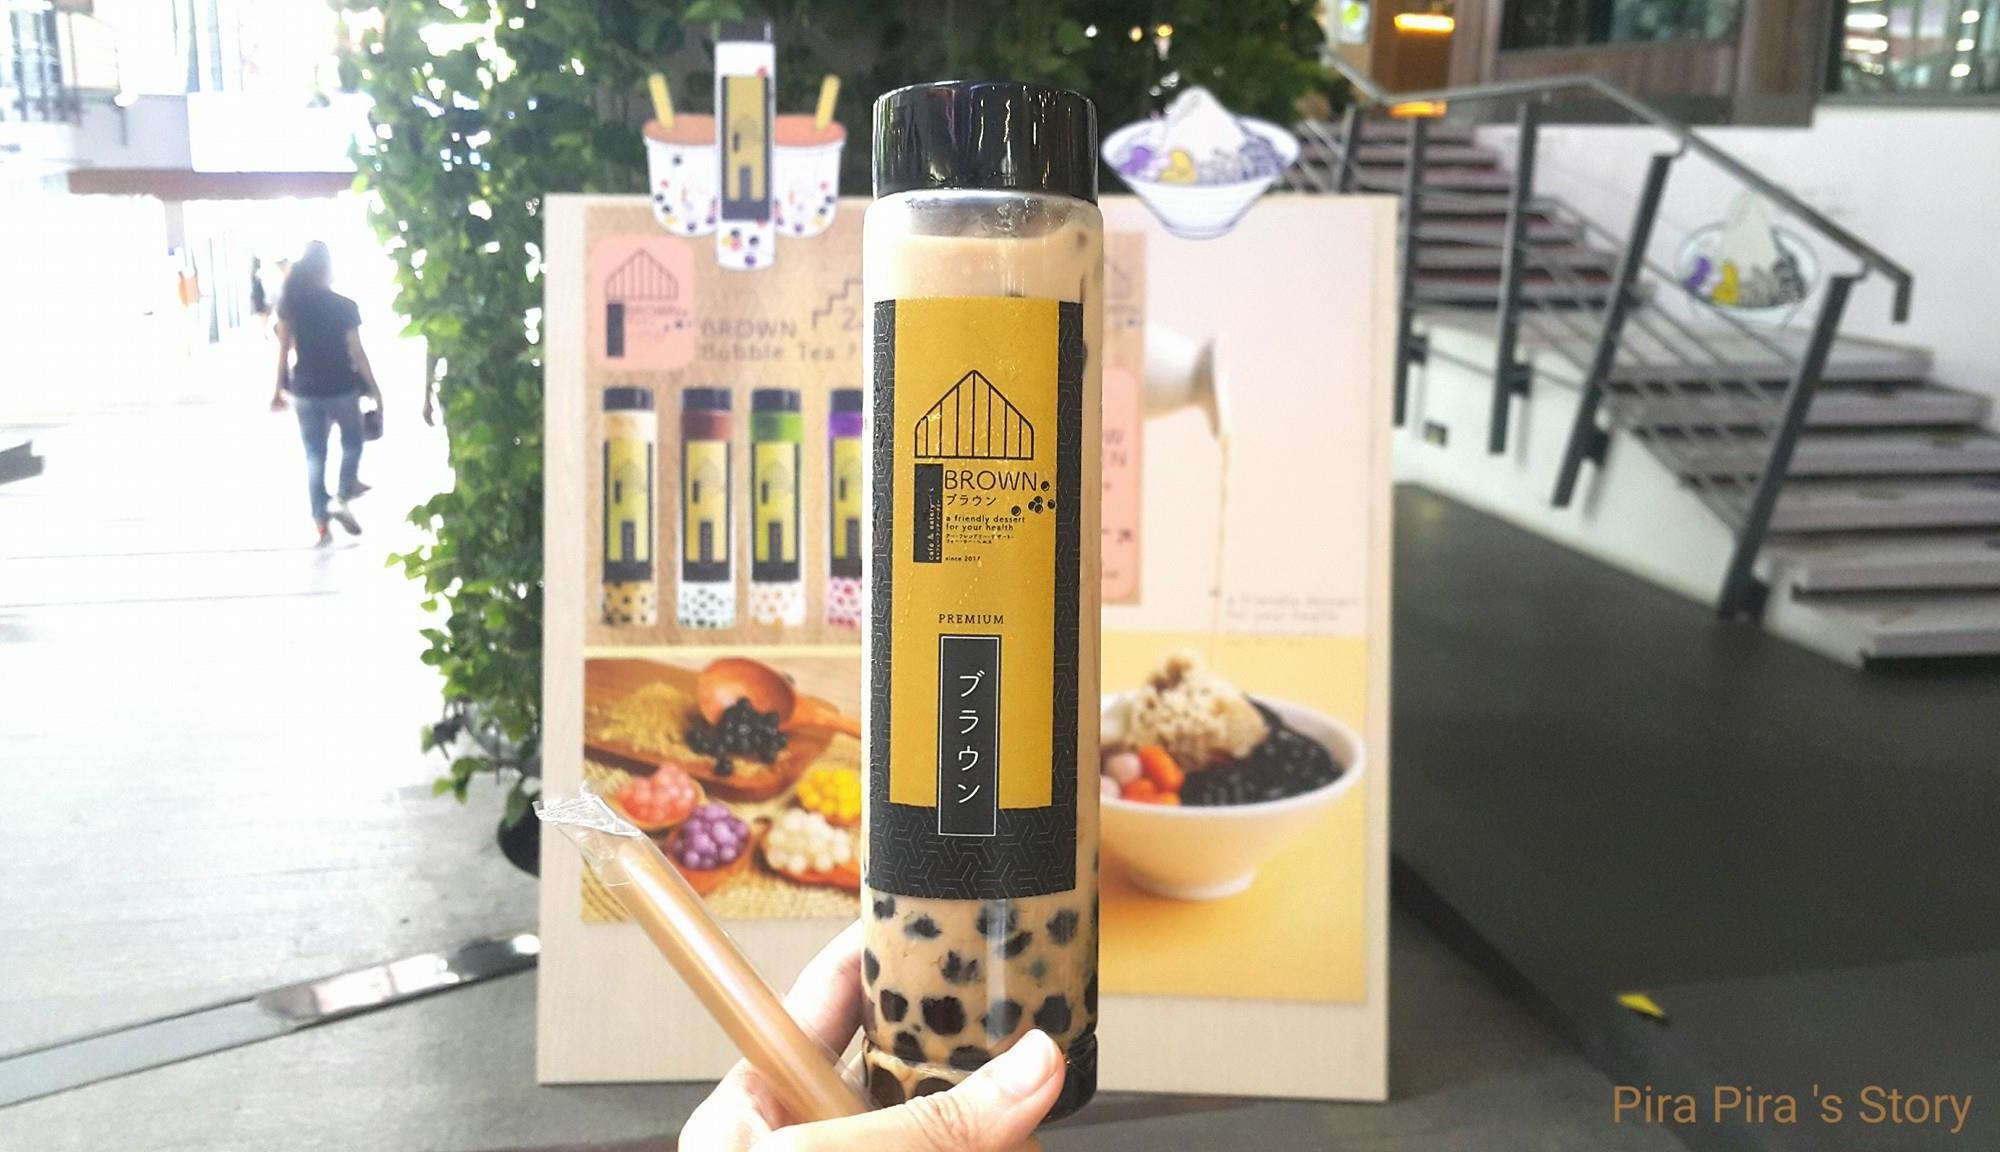 ชานม ชานมไข่มุก ไข่มุก รีวิวอาหาร รีวิวของกิน รีวิวชานมไข่มุก เครื่องดื่ม Brown Cafe Milk Tea Pearl Bubble Pira Pira Story Siam Square 1